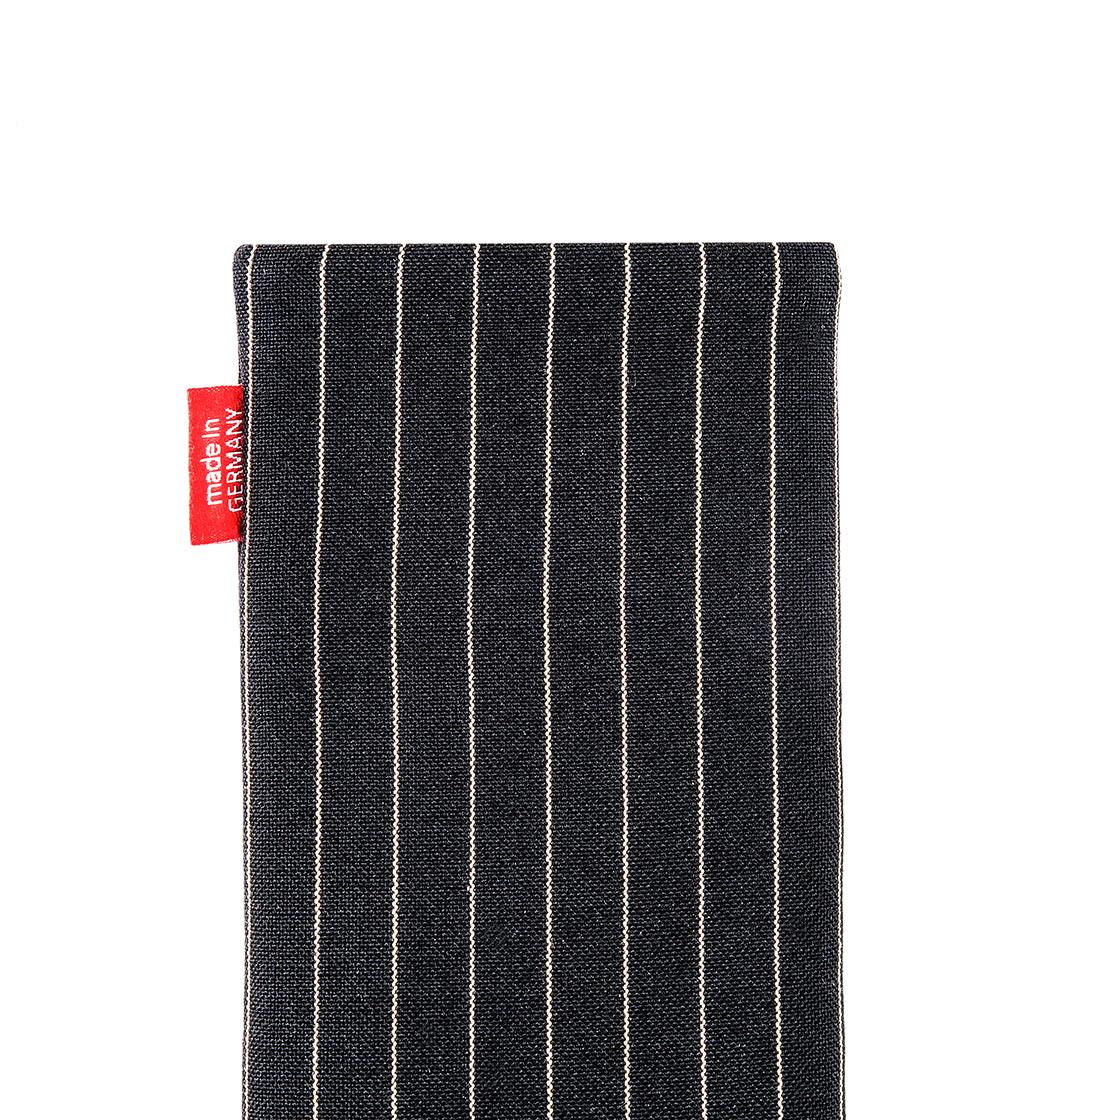 Note 10 Plus fitBAG Twist Schwarz Handytasche Tasche aus Nadelstreifen-Stoff mit Microfaserinnenfutter f/ür Samsung Galaxy Note10+ H/ülle mit Reinigungsfunktion Made in Germany